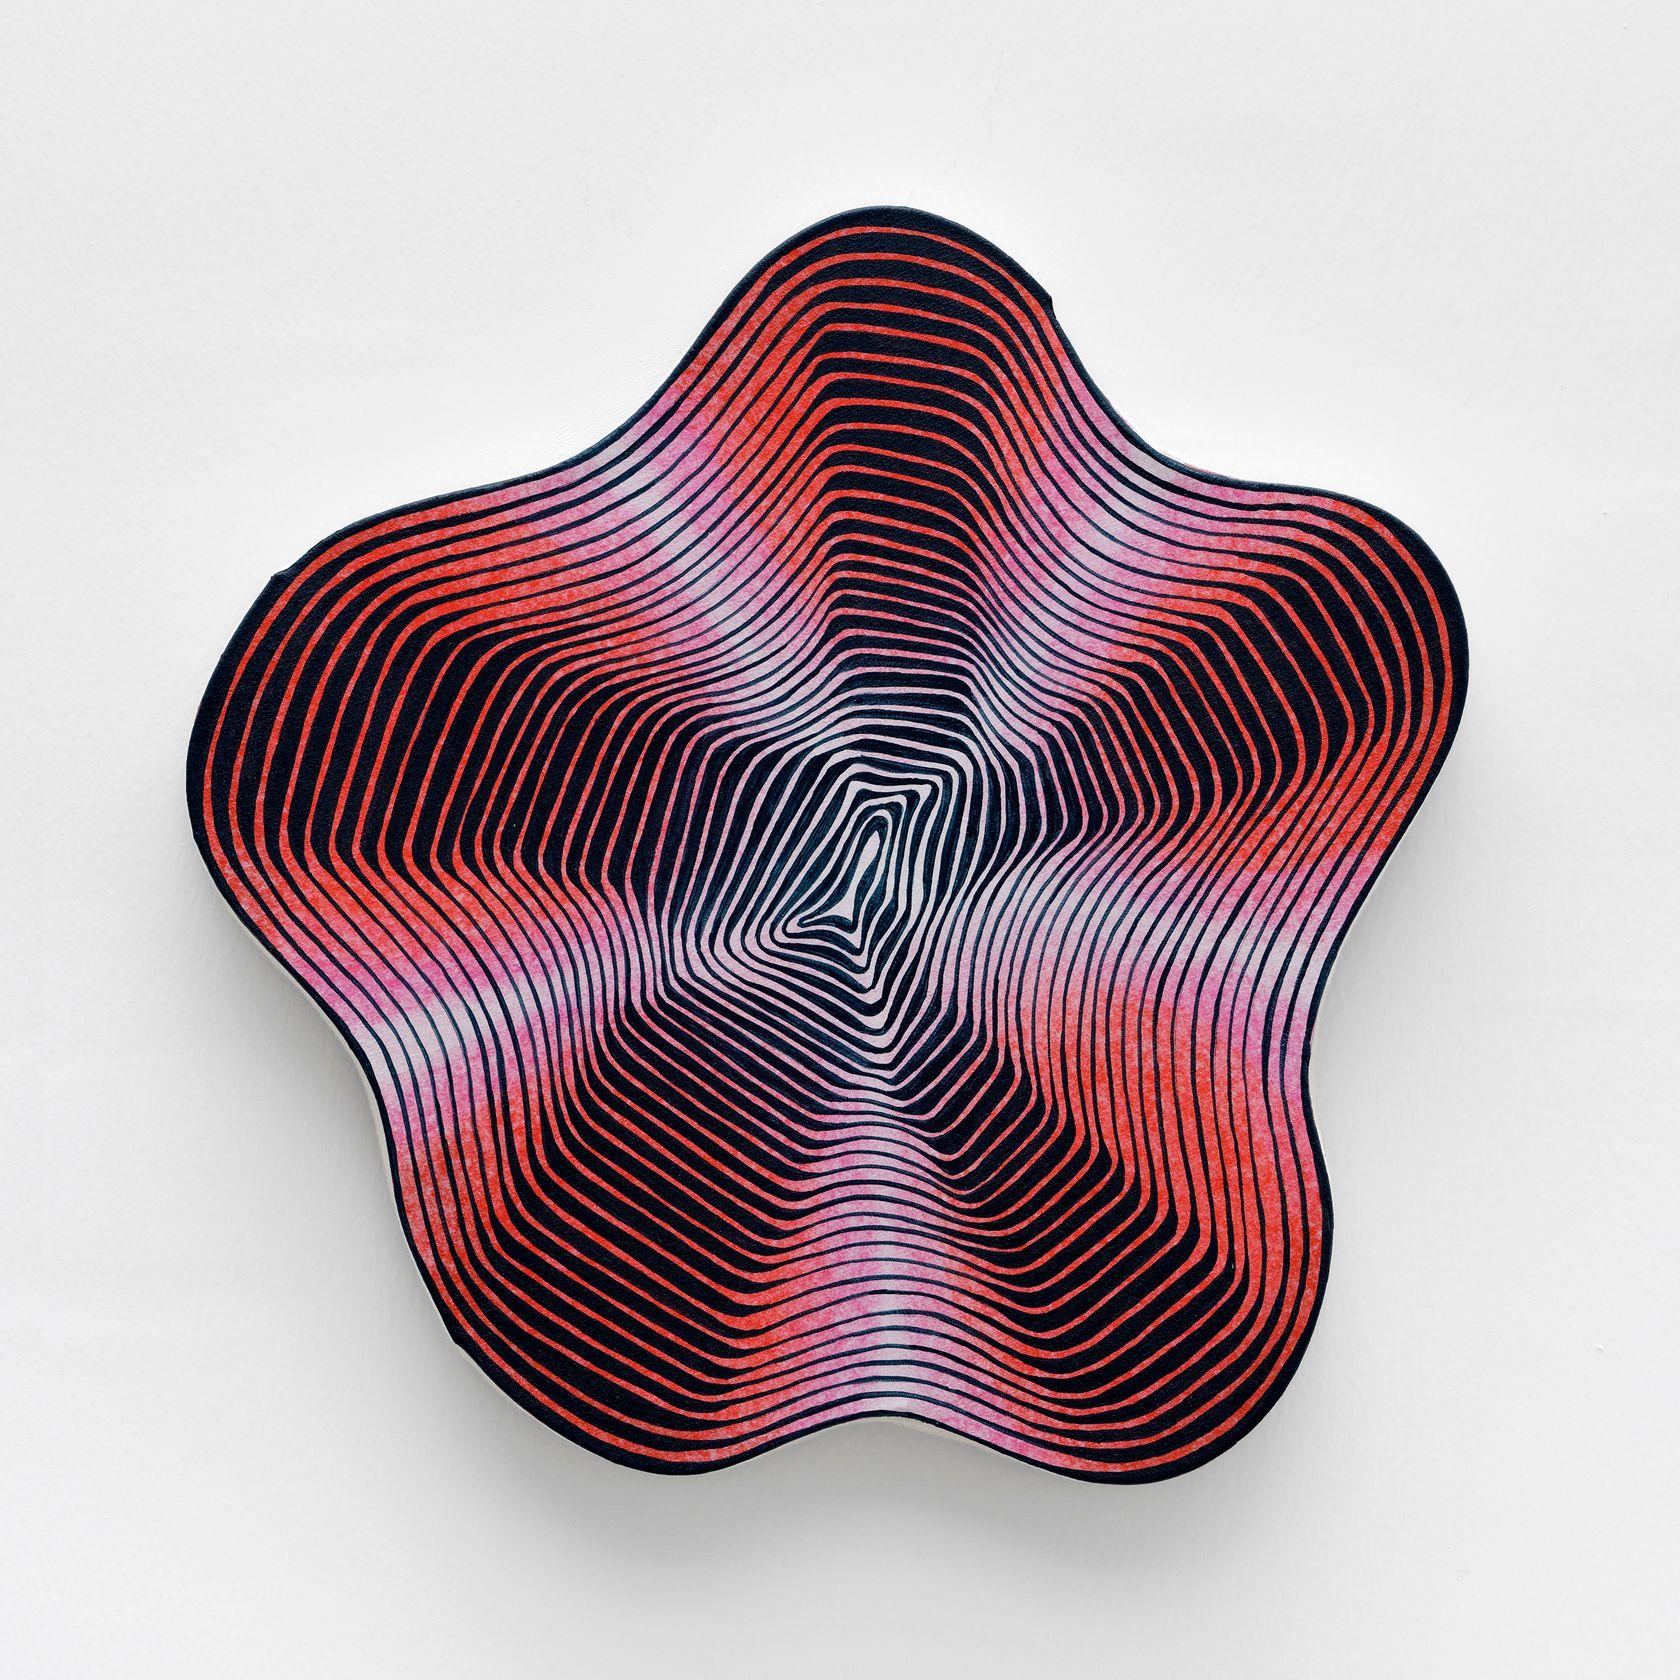 Guillaume Pilet, Skin Conductance Response, 2020 Acrylique sur toile29 × 30 cm / 11 3/8 × 11 6/8 in.